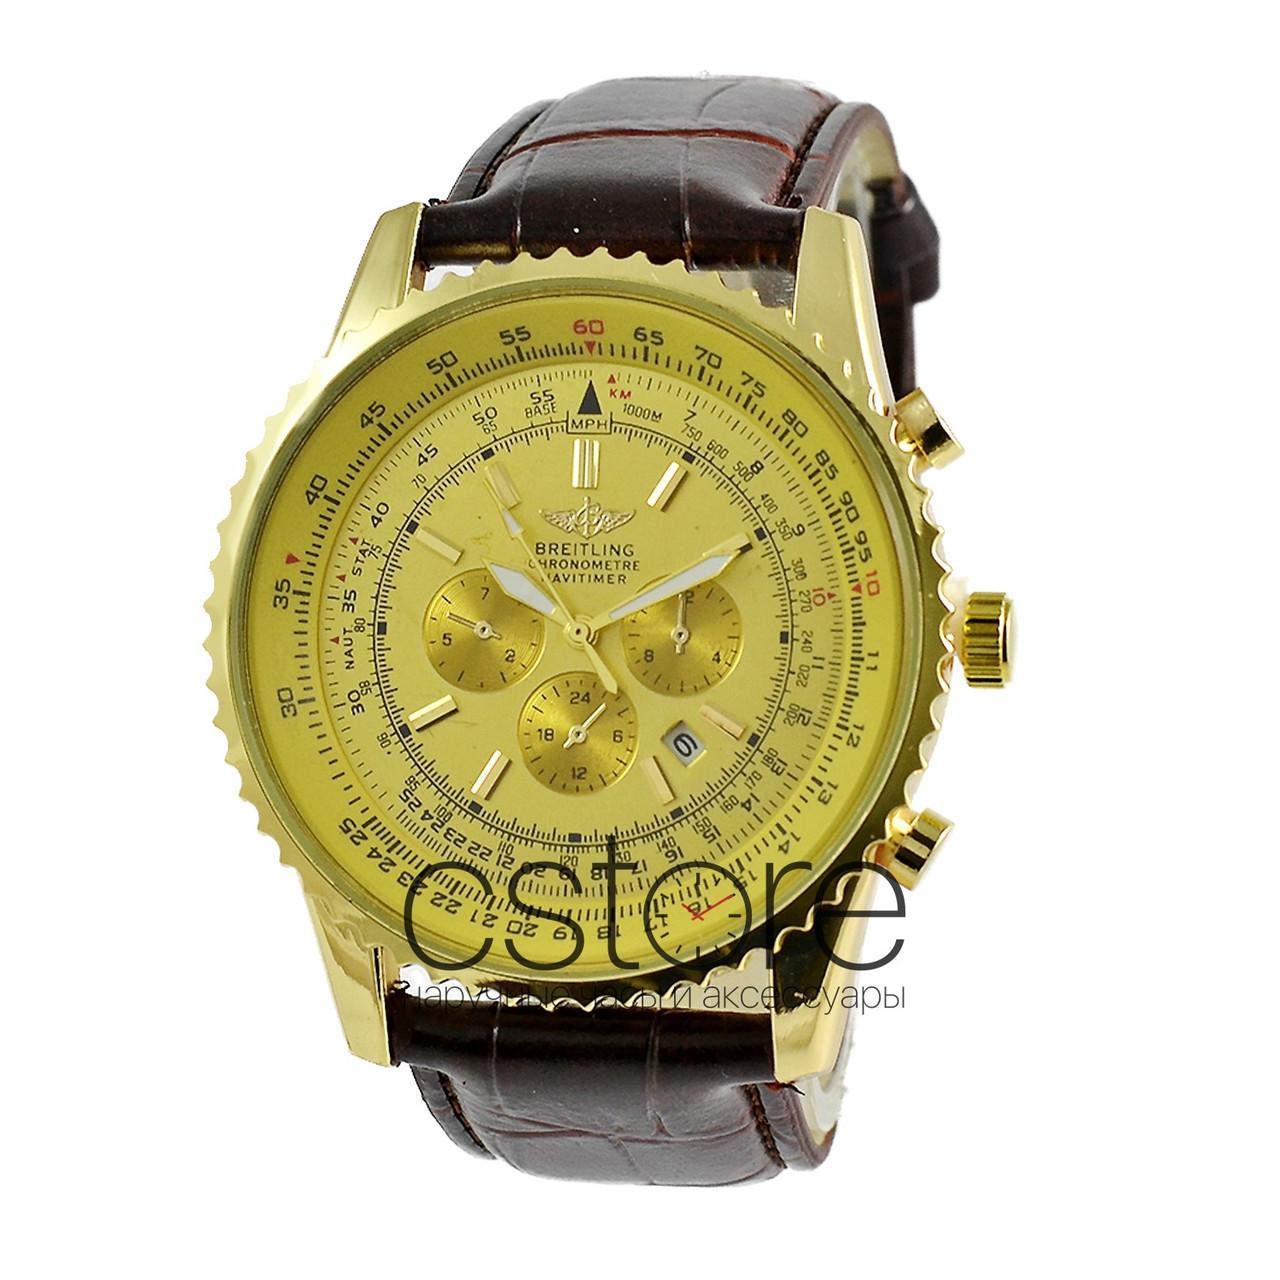 Заказать часы мужские через интернет копии брендов